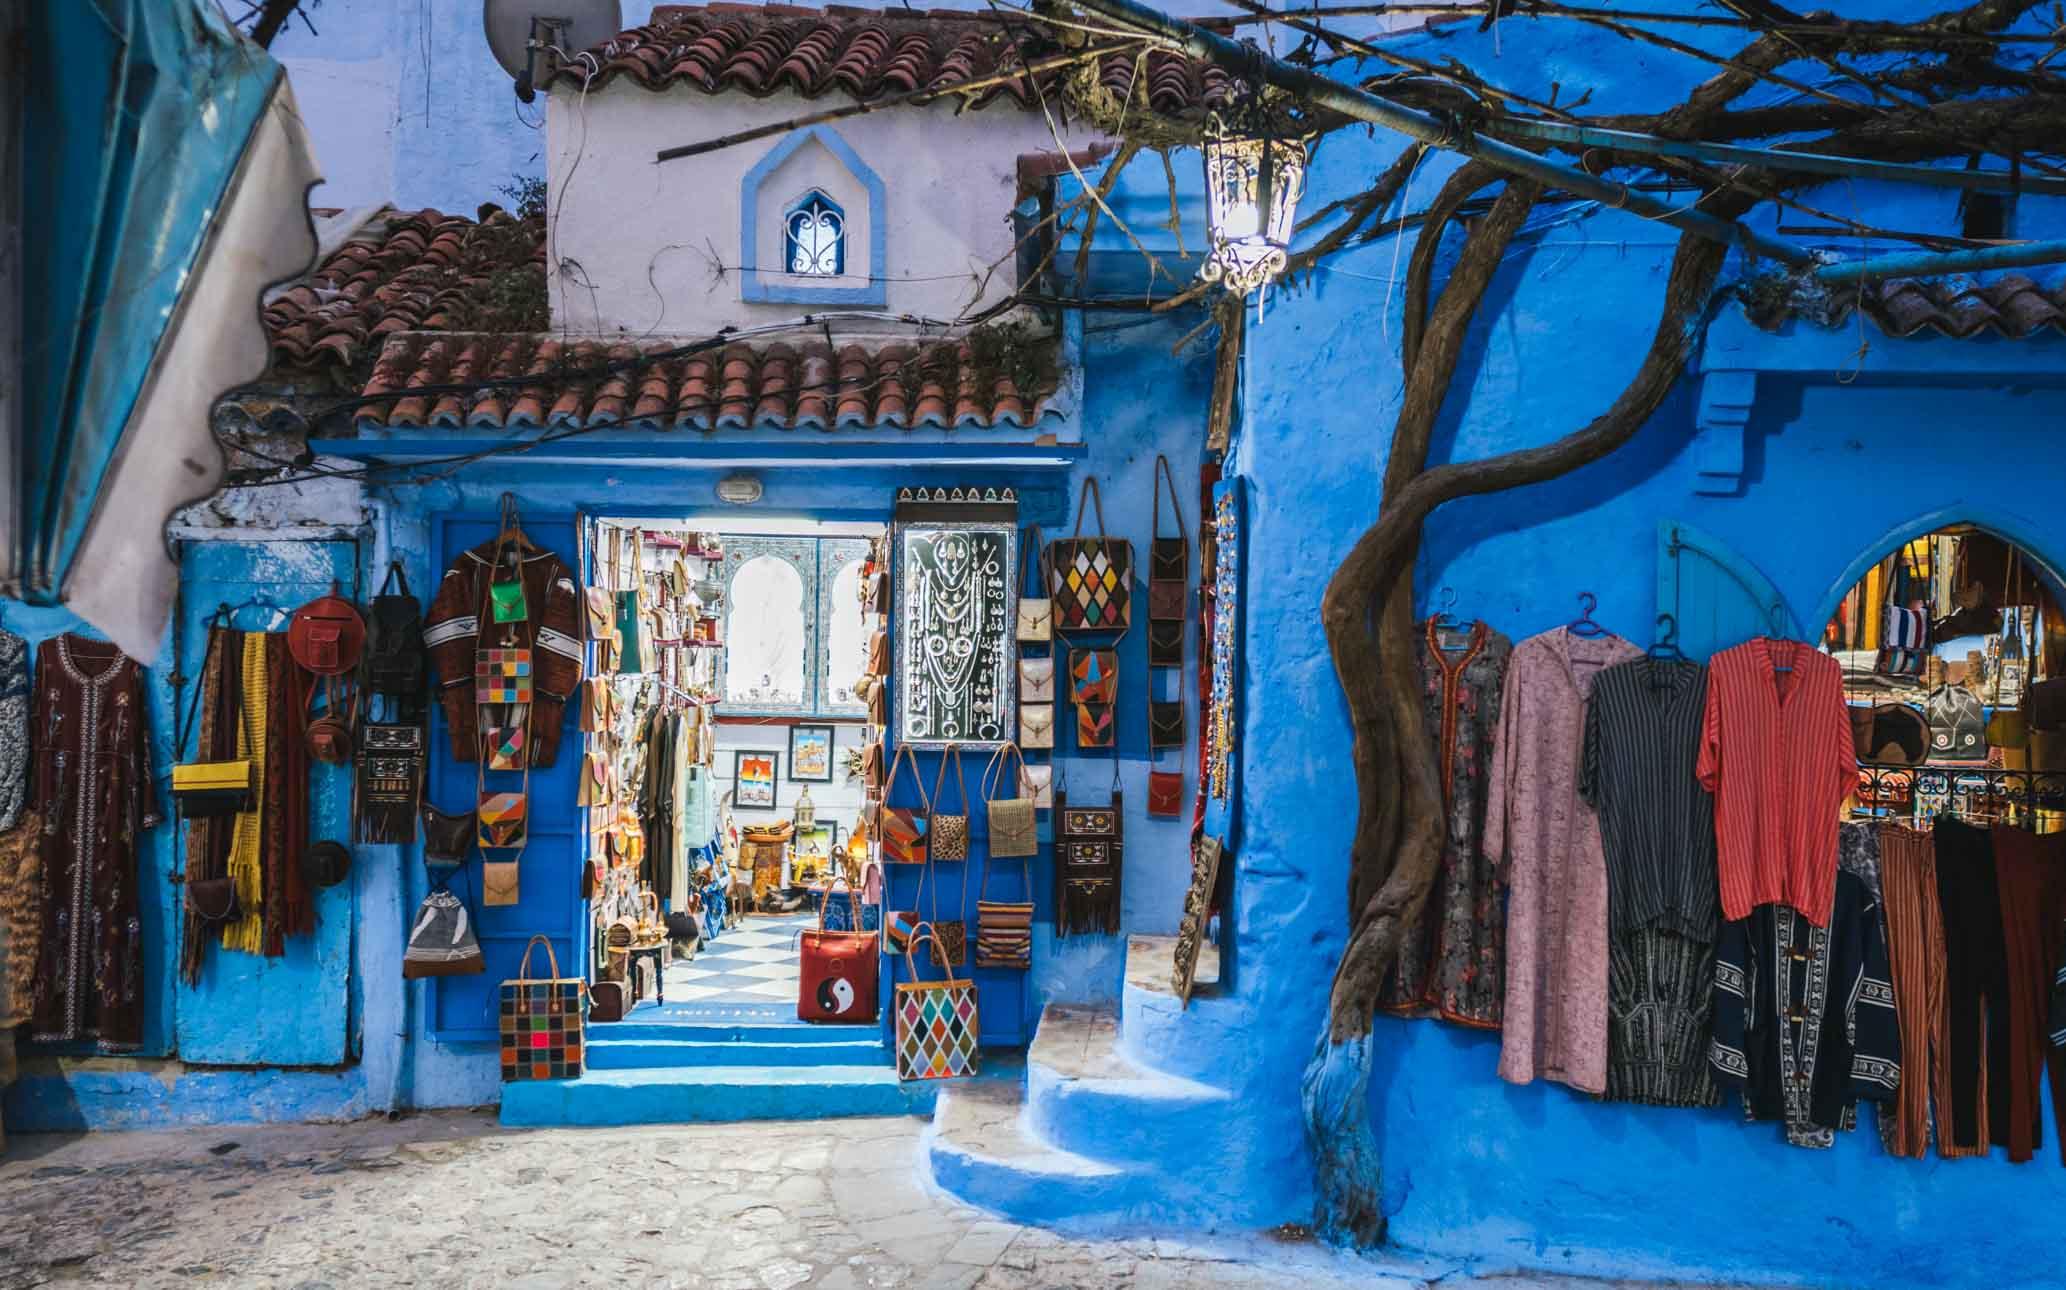 boutique de souvenir à Chefchaouen Maroc - Nomade Amoureux